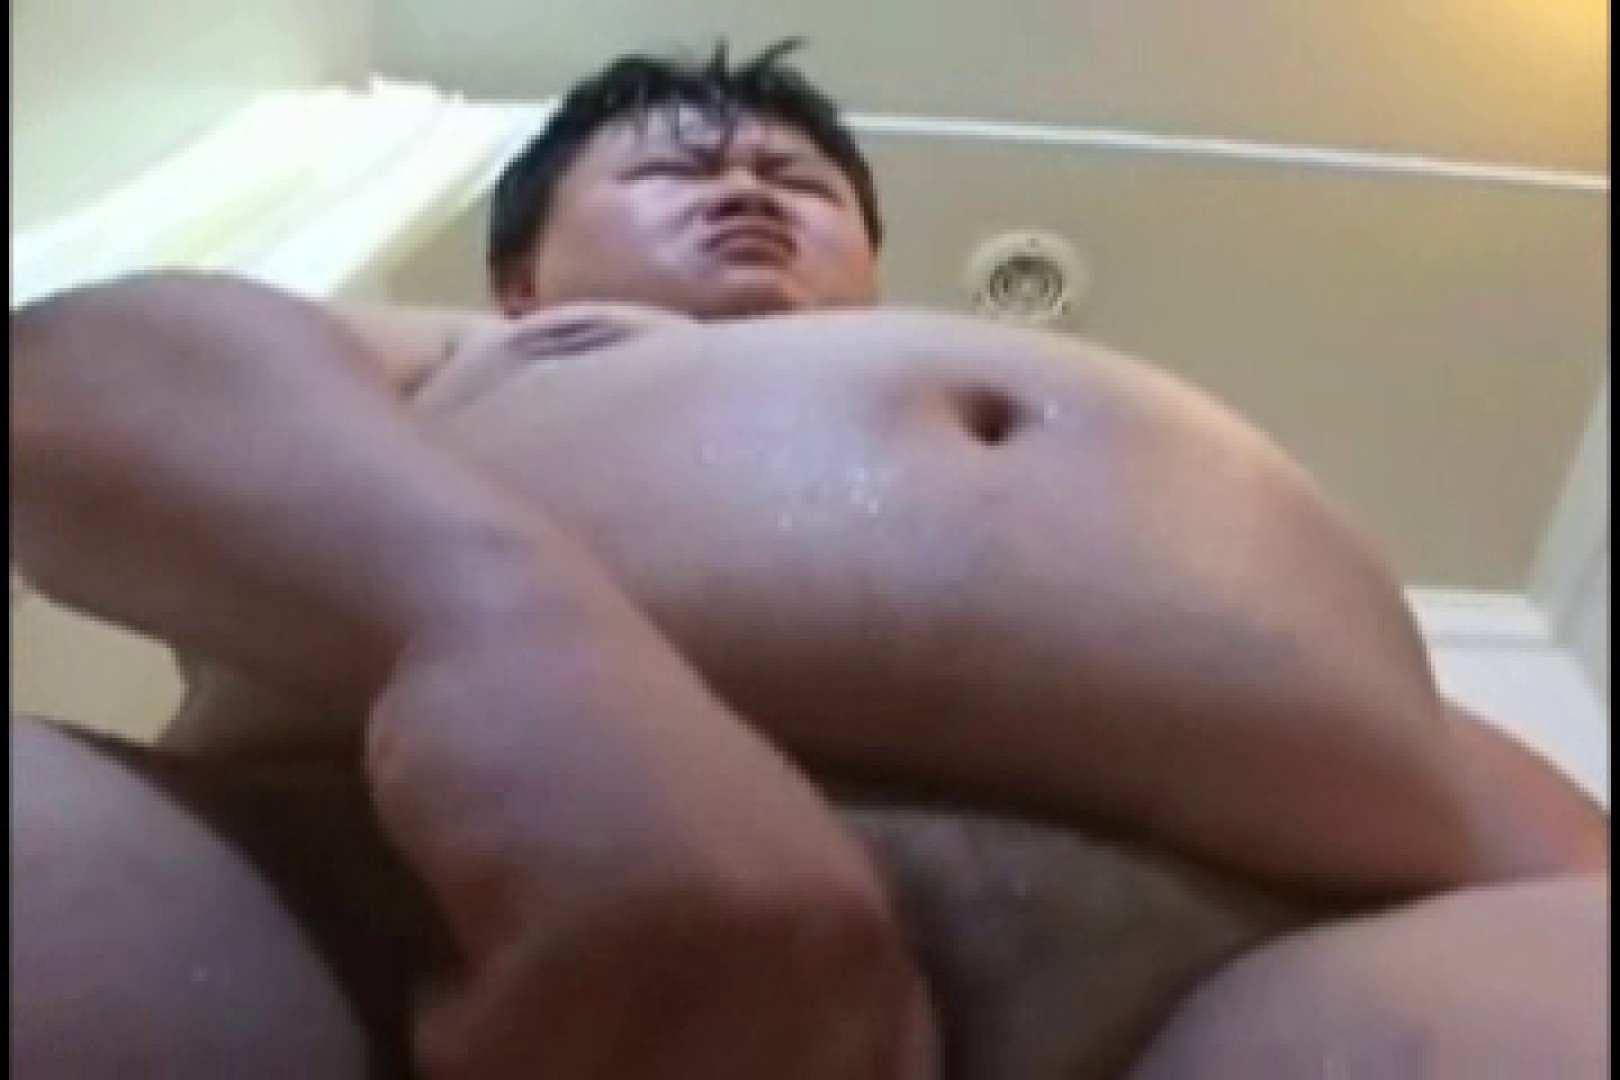 オデブなメガネ君のオナ&アナル攻め! お風呂   アナル攻撃 ゲイAV画像 94pic 81